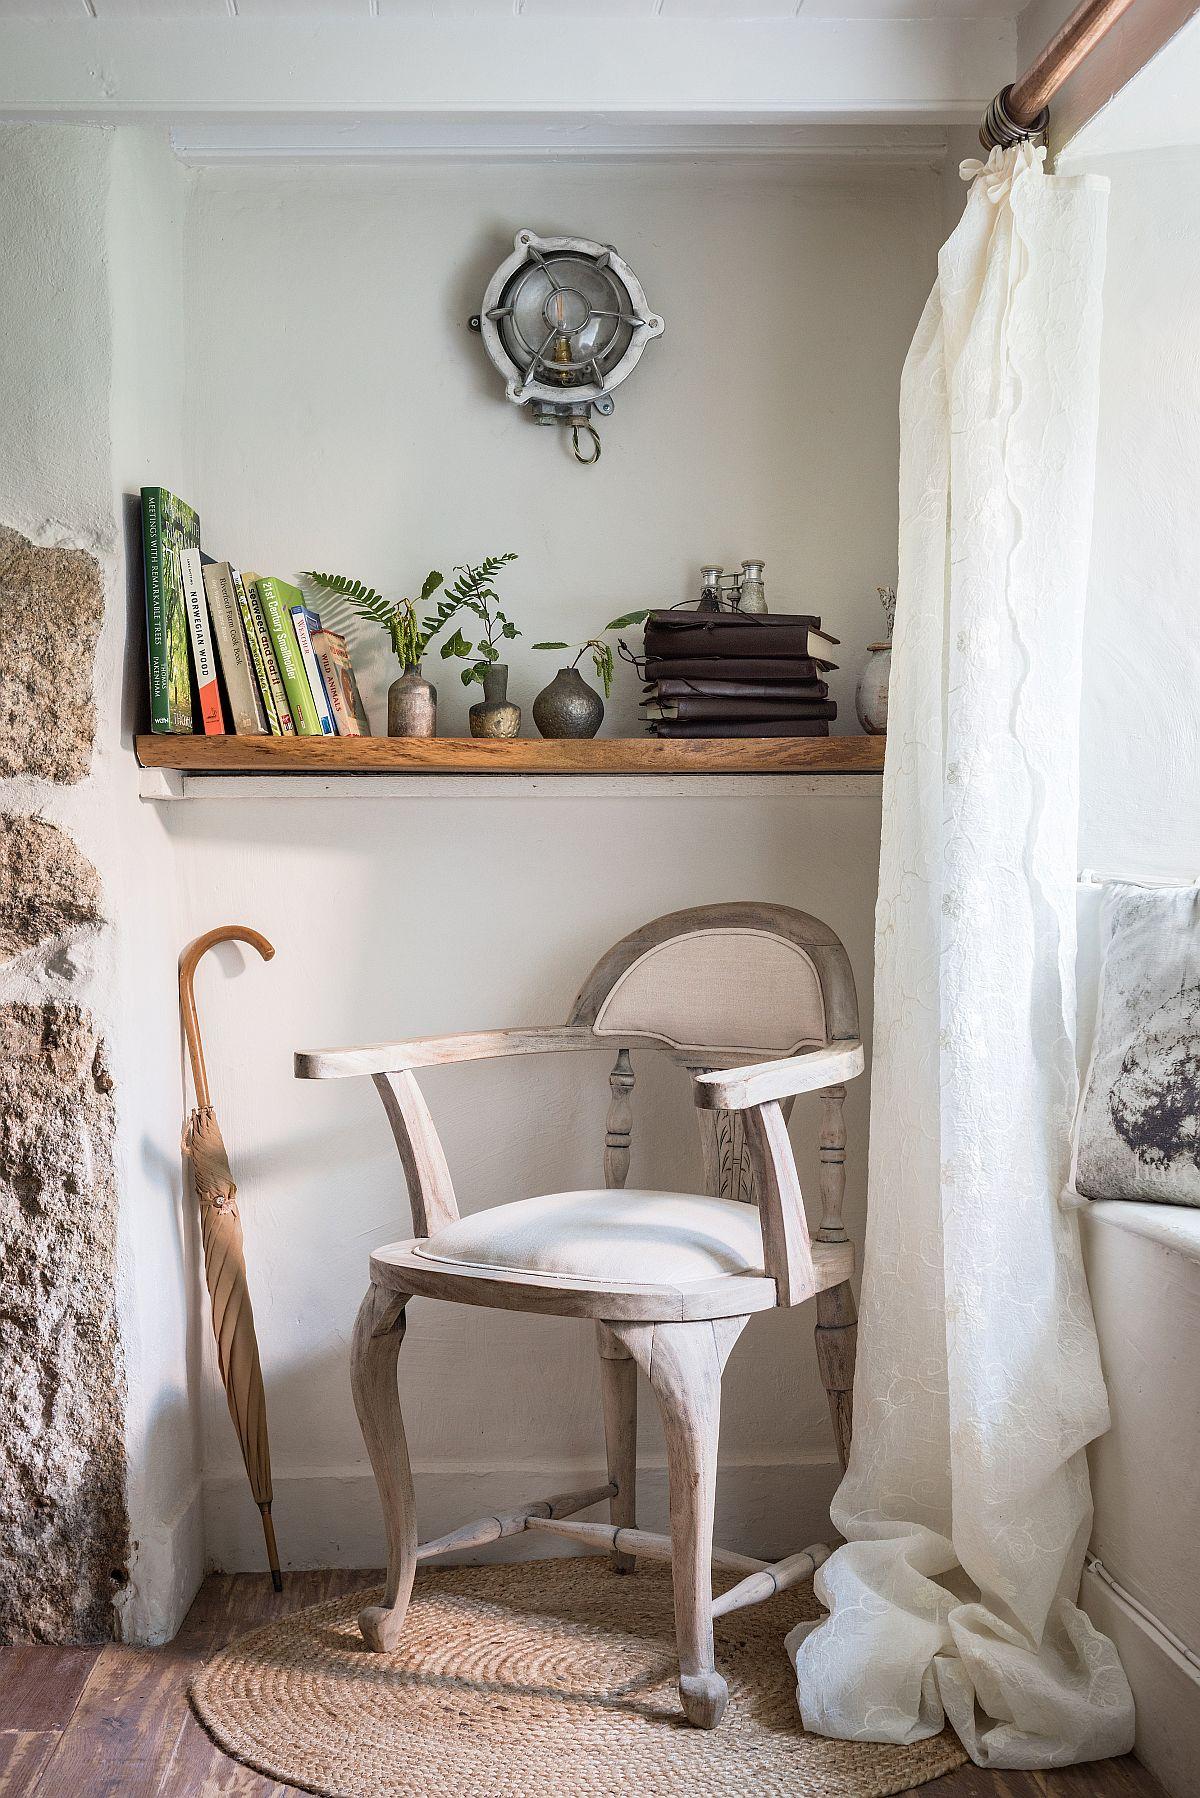 Fiecare colț din căsuță este atent decorat. Astfel, nișele existente inițial de o parte și de alta a șemineului din sufragerie sunt locuri de depozitare și expunere pentru obiecte, care dau sentimentul de acasă chiar și unui vizitator ocazional.